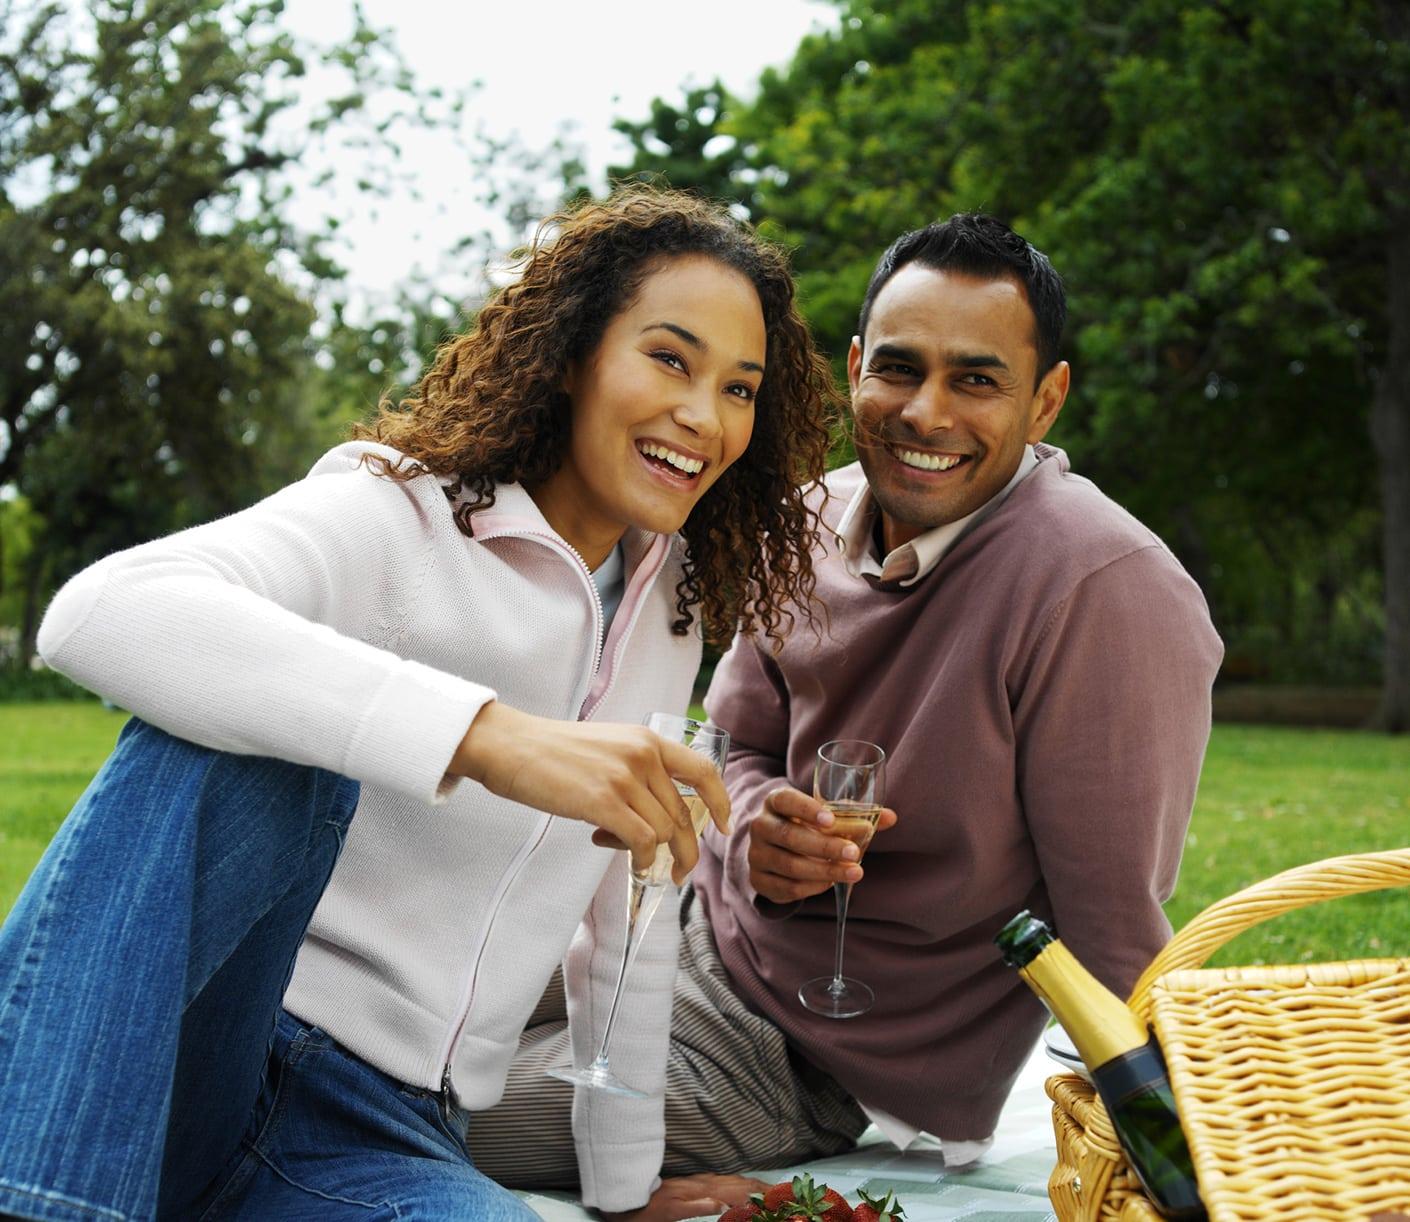 img premier savings2 - Premier Savings